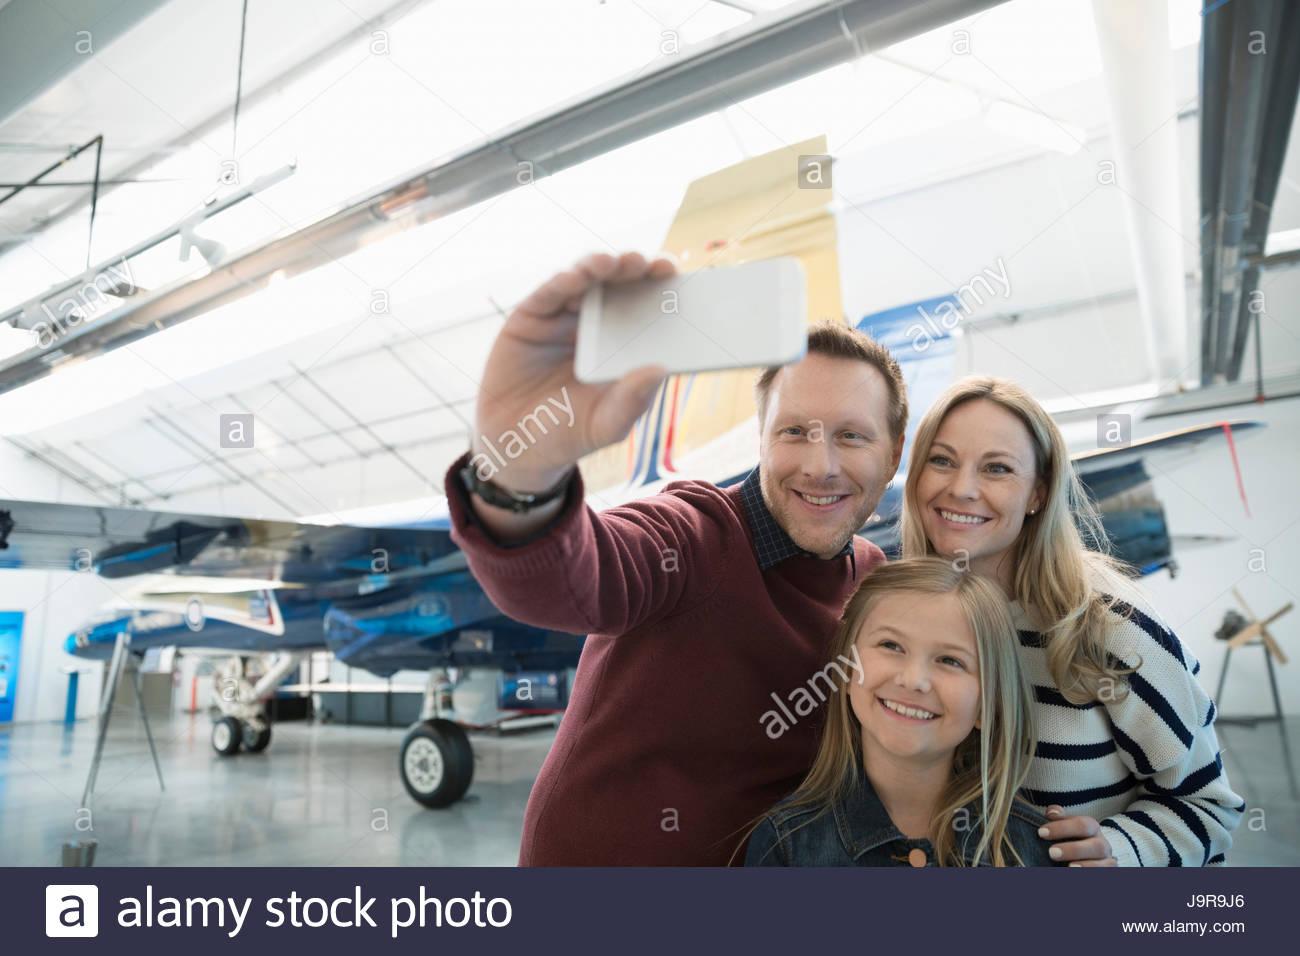 Familie mit Ihrem Smartphone unter Selfie vor Flugzeug im Krieg Museum hangar Stockbild